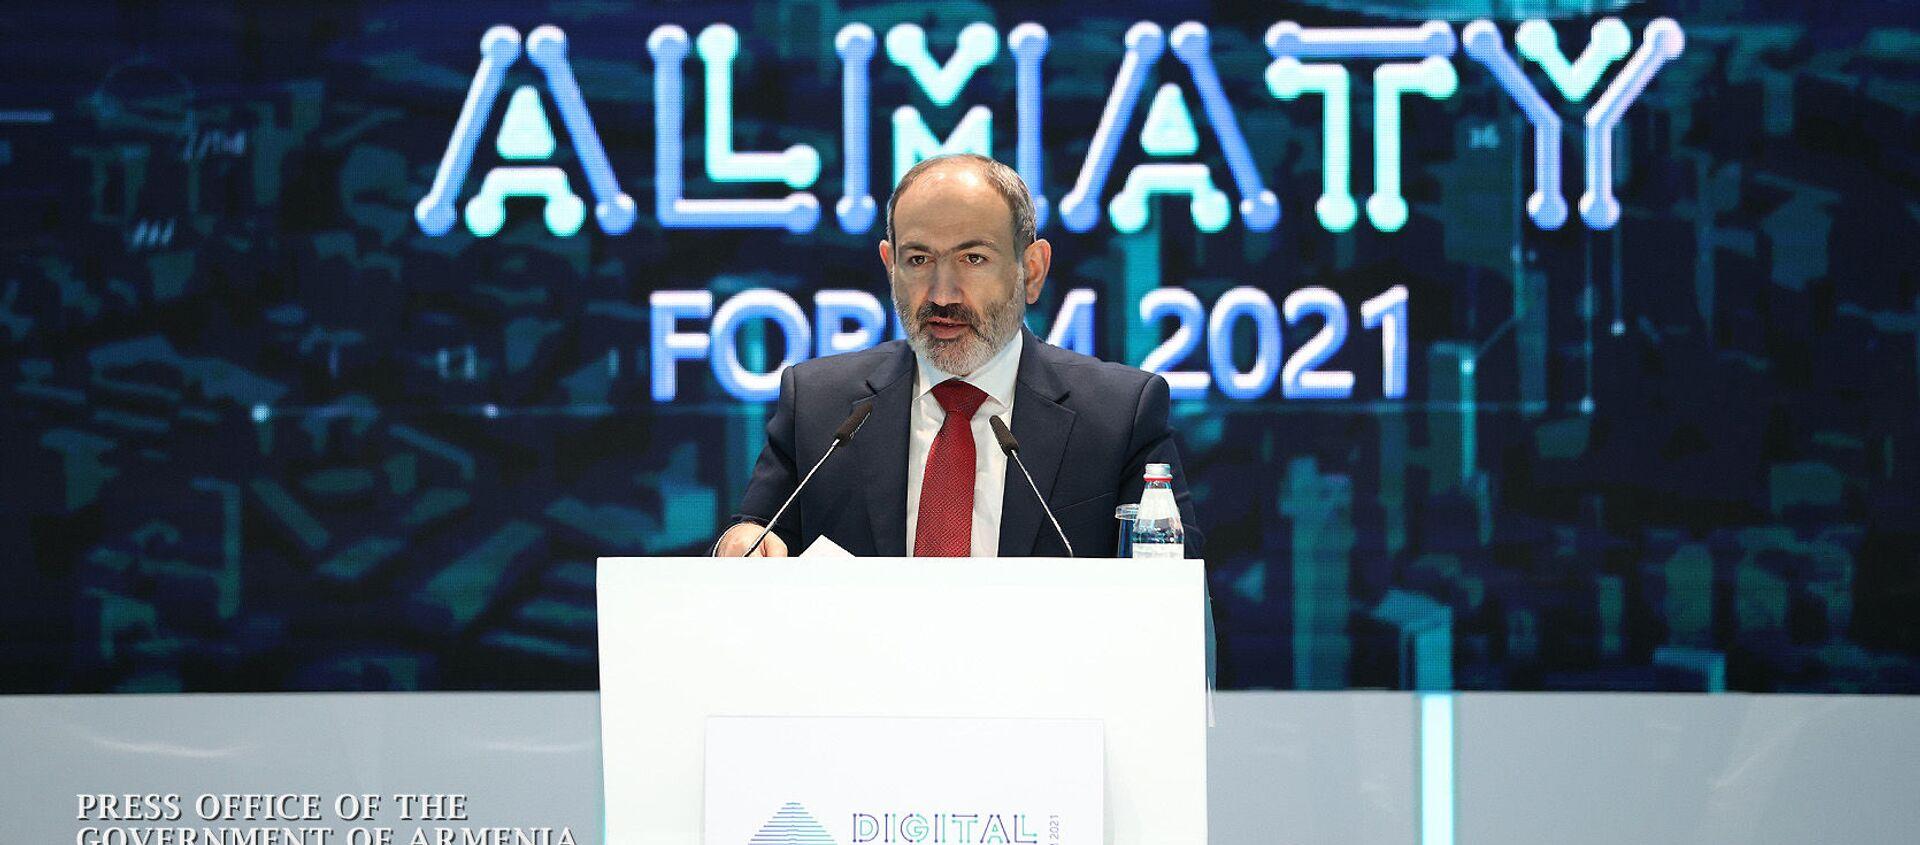 Премьер-министр Никол Пашинян во время выступления на выставке цифровых проектов форума Digital Almaty 2021 (5 февраля 2021). Алматы - Sputnik Արմենիա, 1920, 05.02.2021